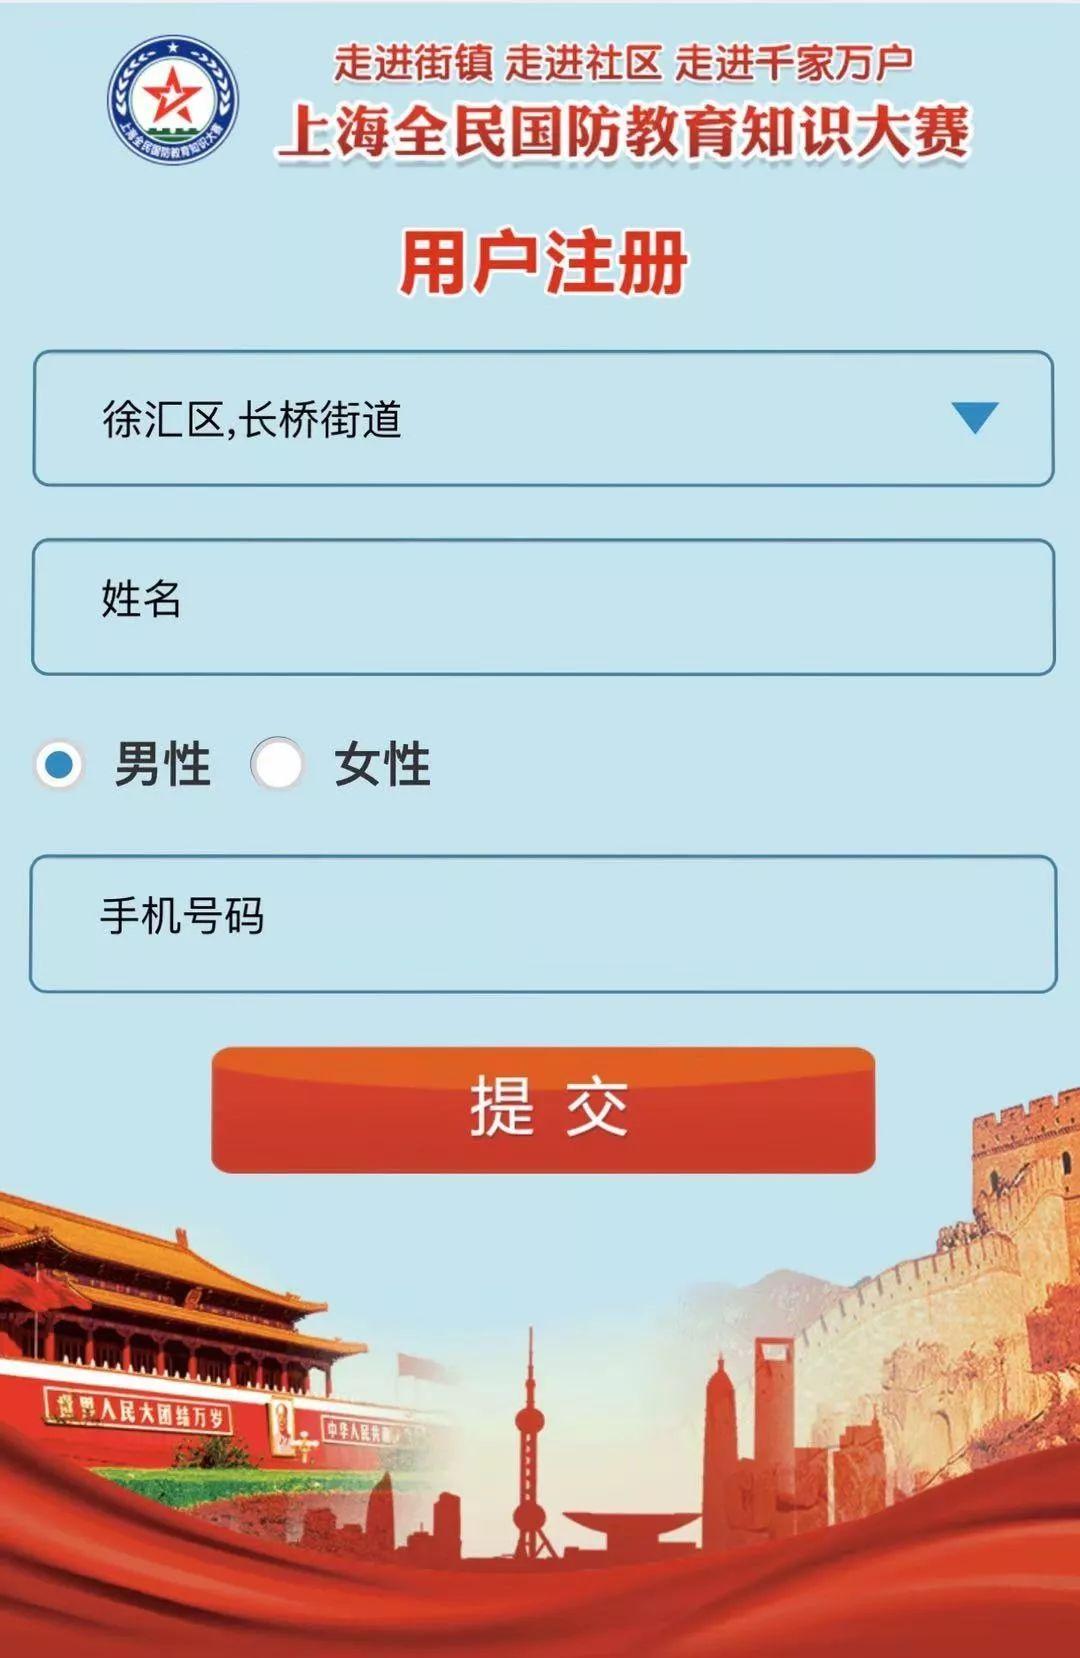 上海全民国防教育知识大赛,等你来挑战~